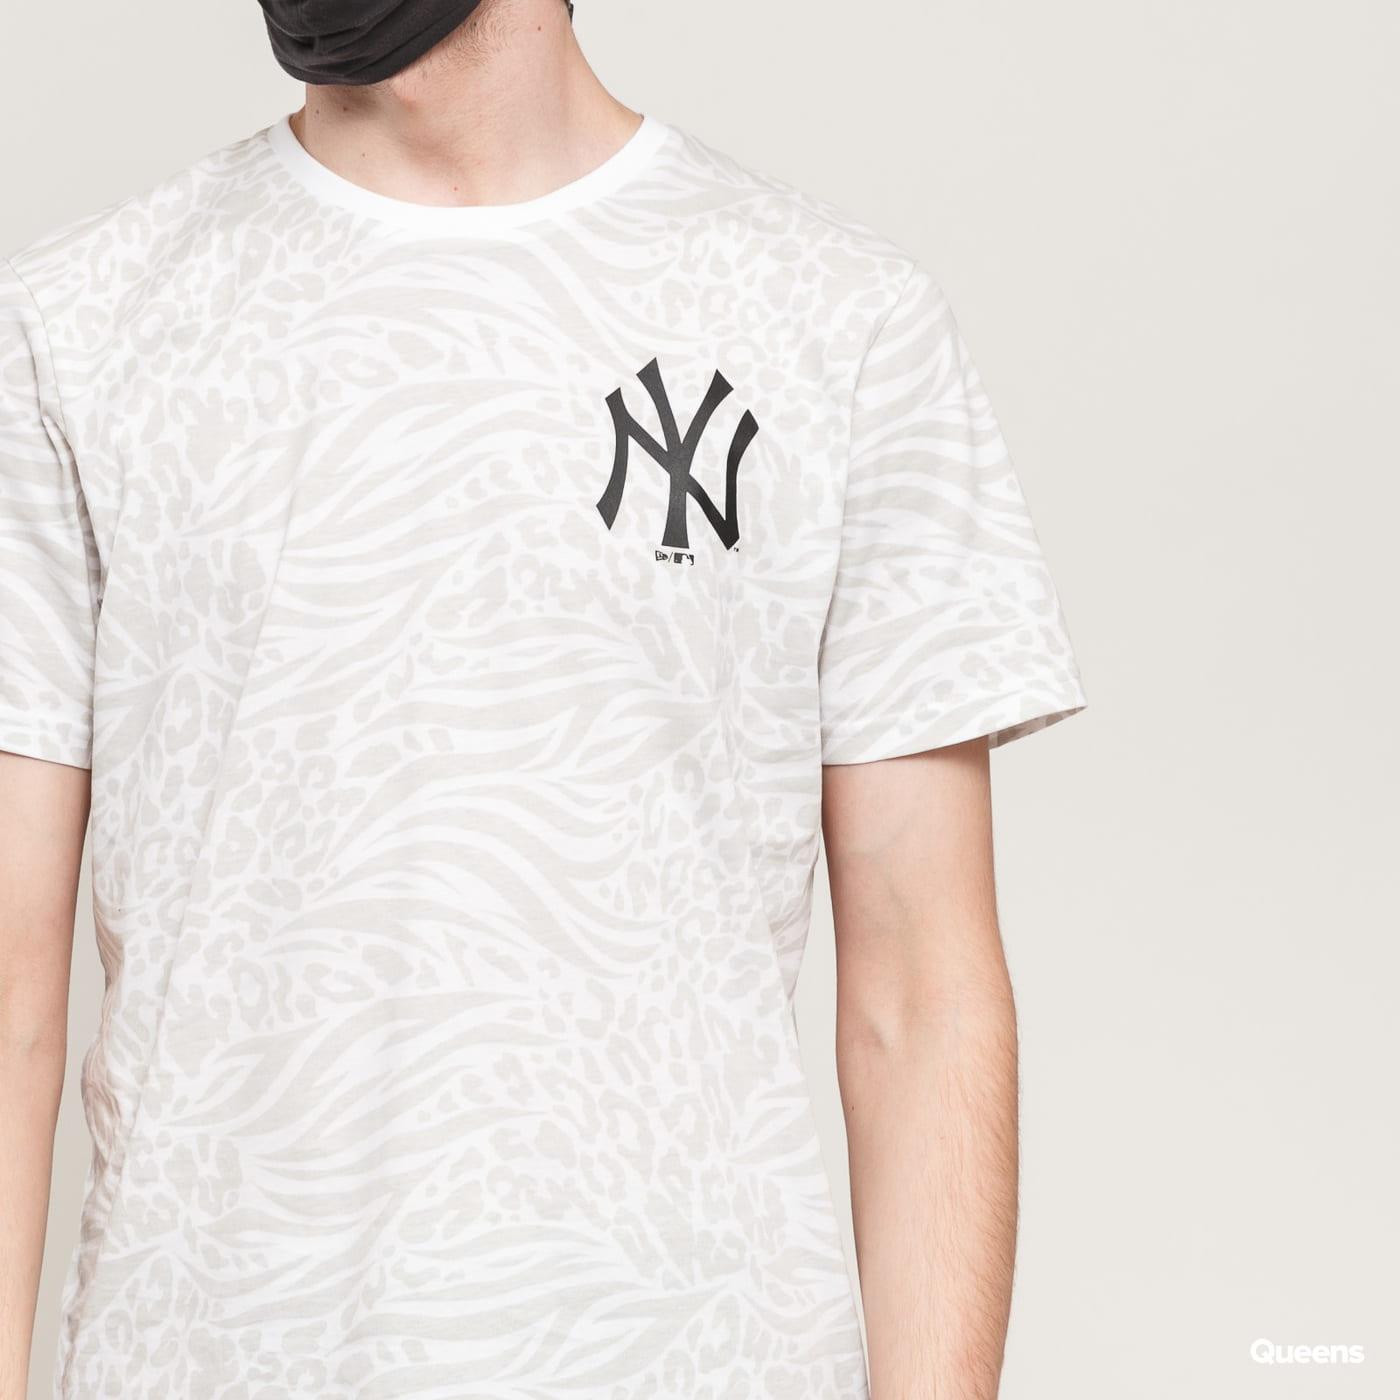 New Era MLB AOP Tee NY white / light gray